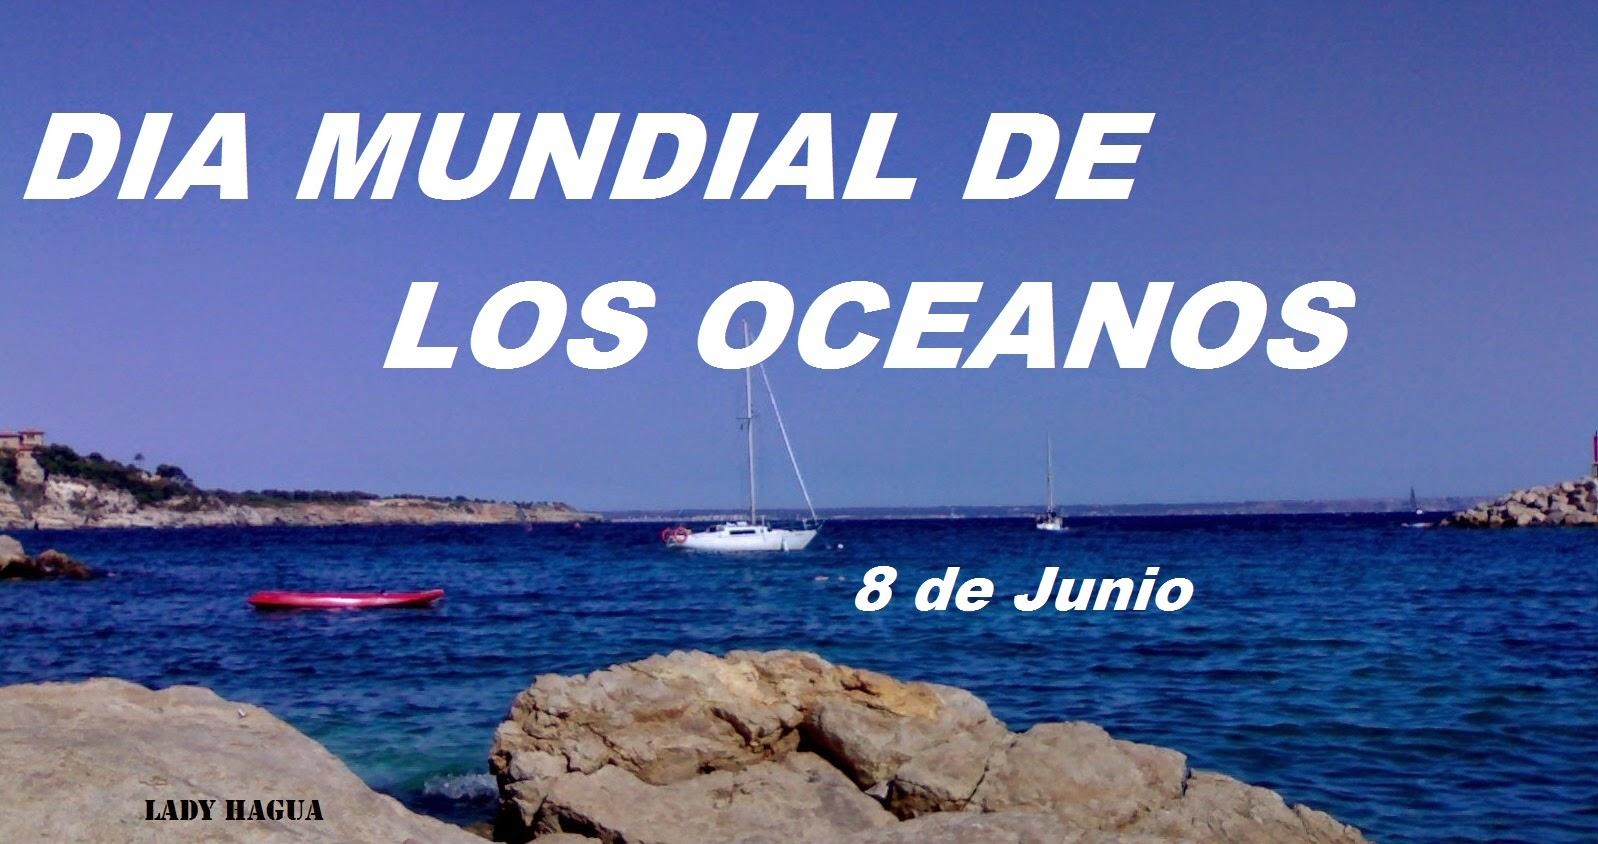 DIA MUNDIAL DE LOS OCEANOS 8 DE JUNIO